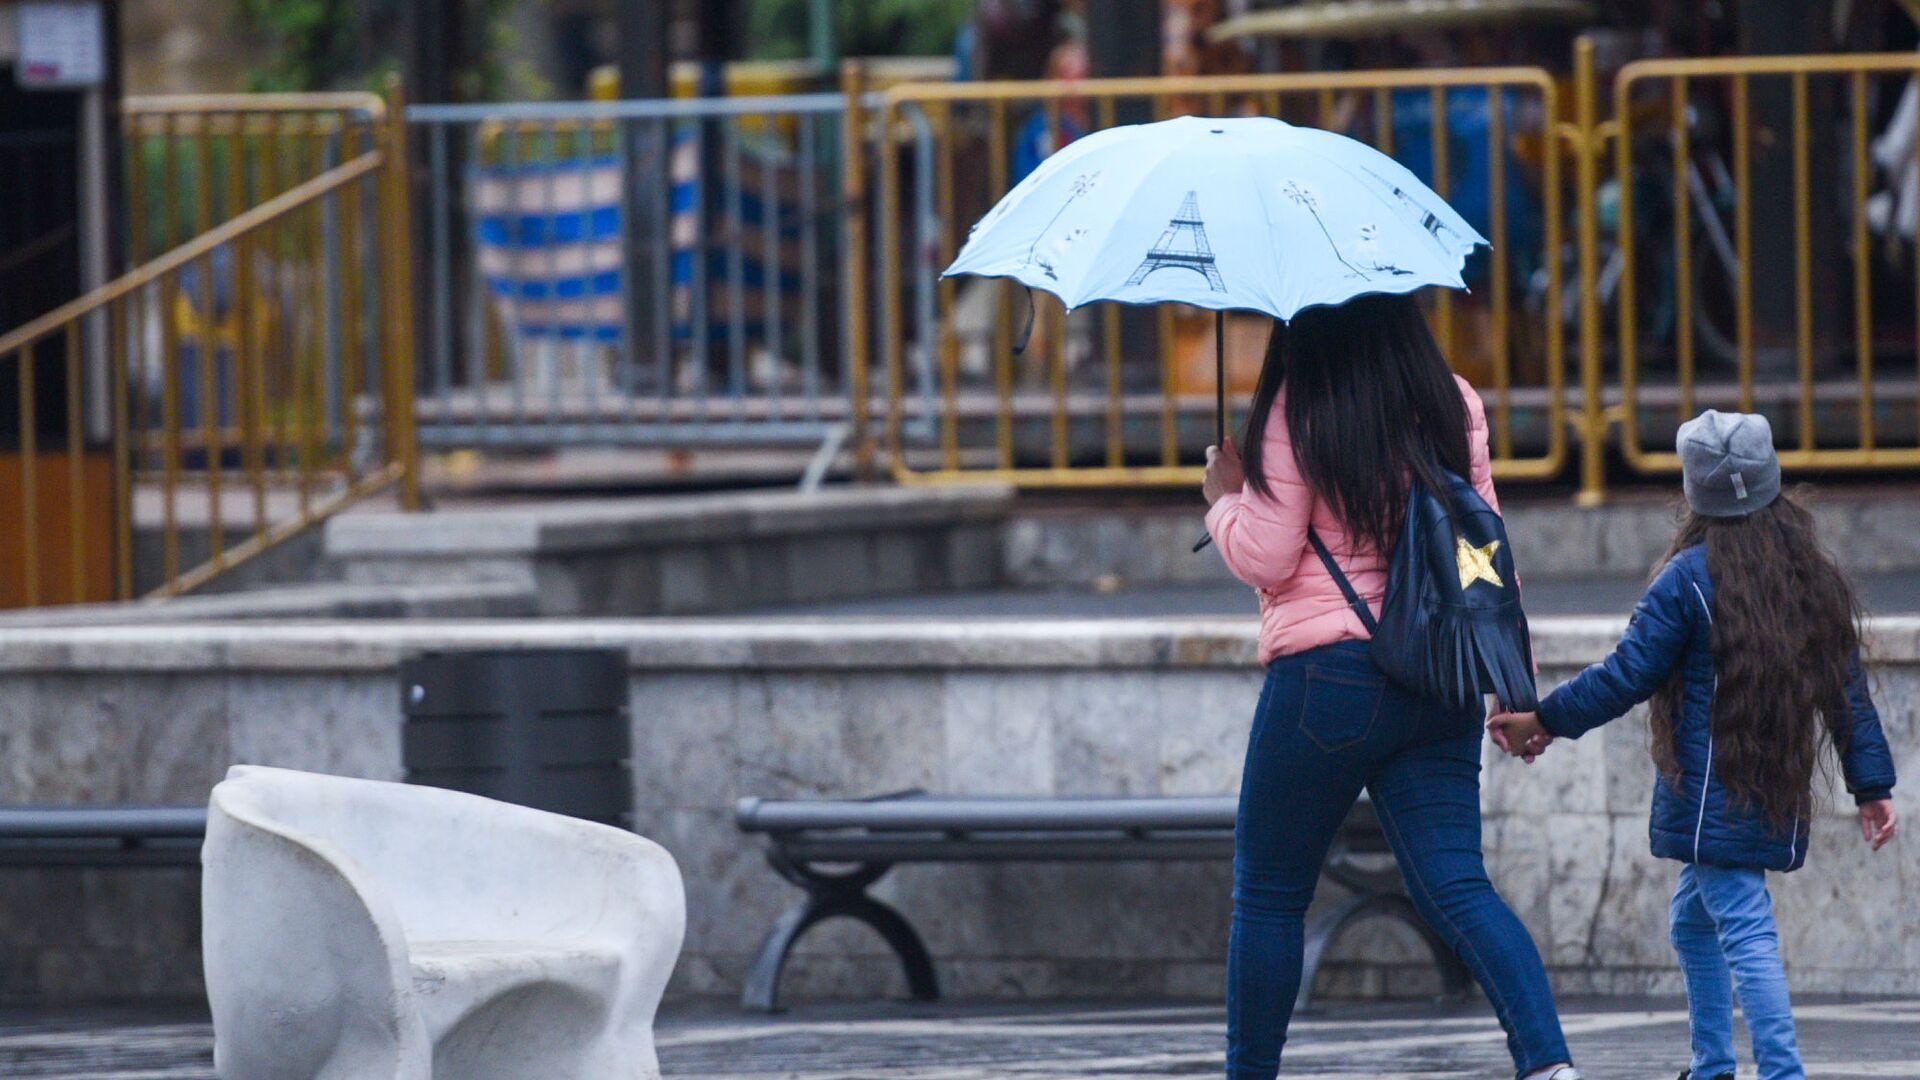 Женщина с девочкой во время дождя в Баку, фото из архива - Sputnik Азербайджан, 1920, 01.10.2021